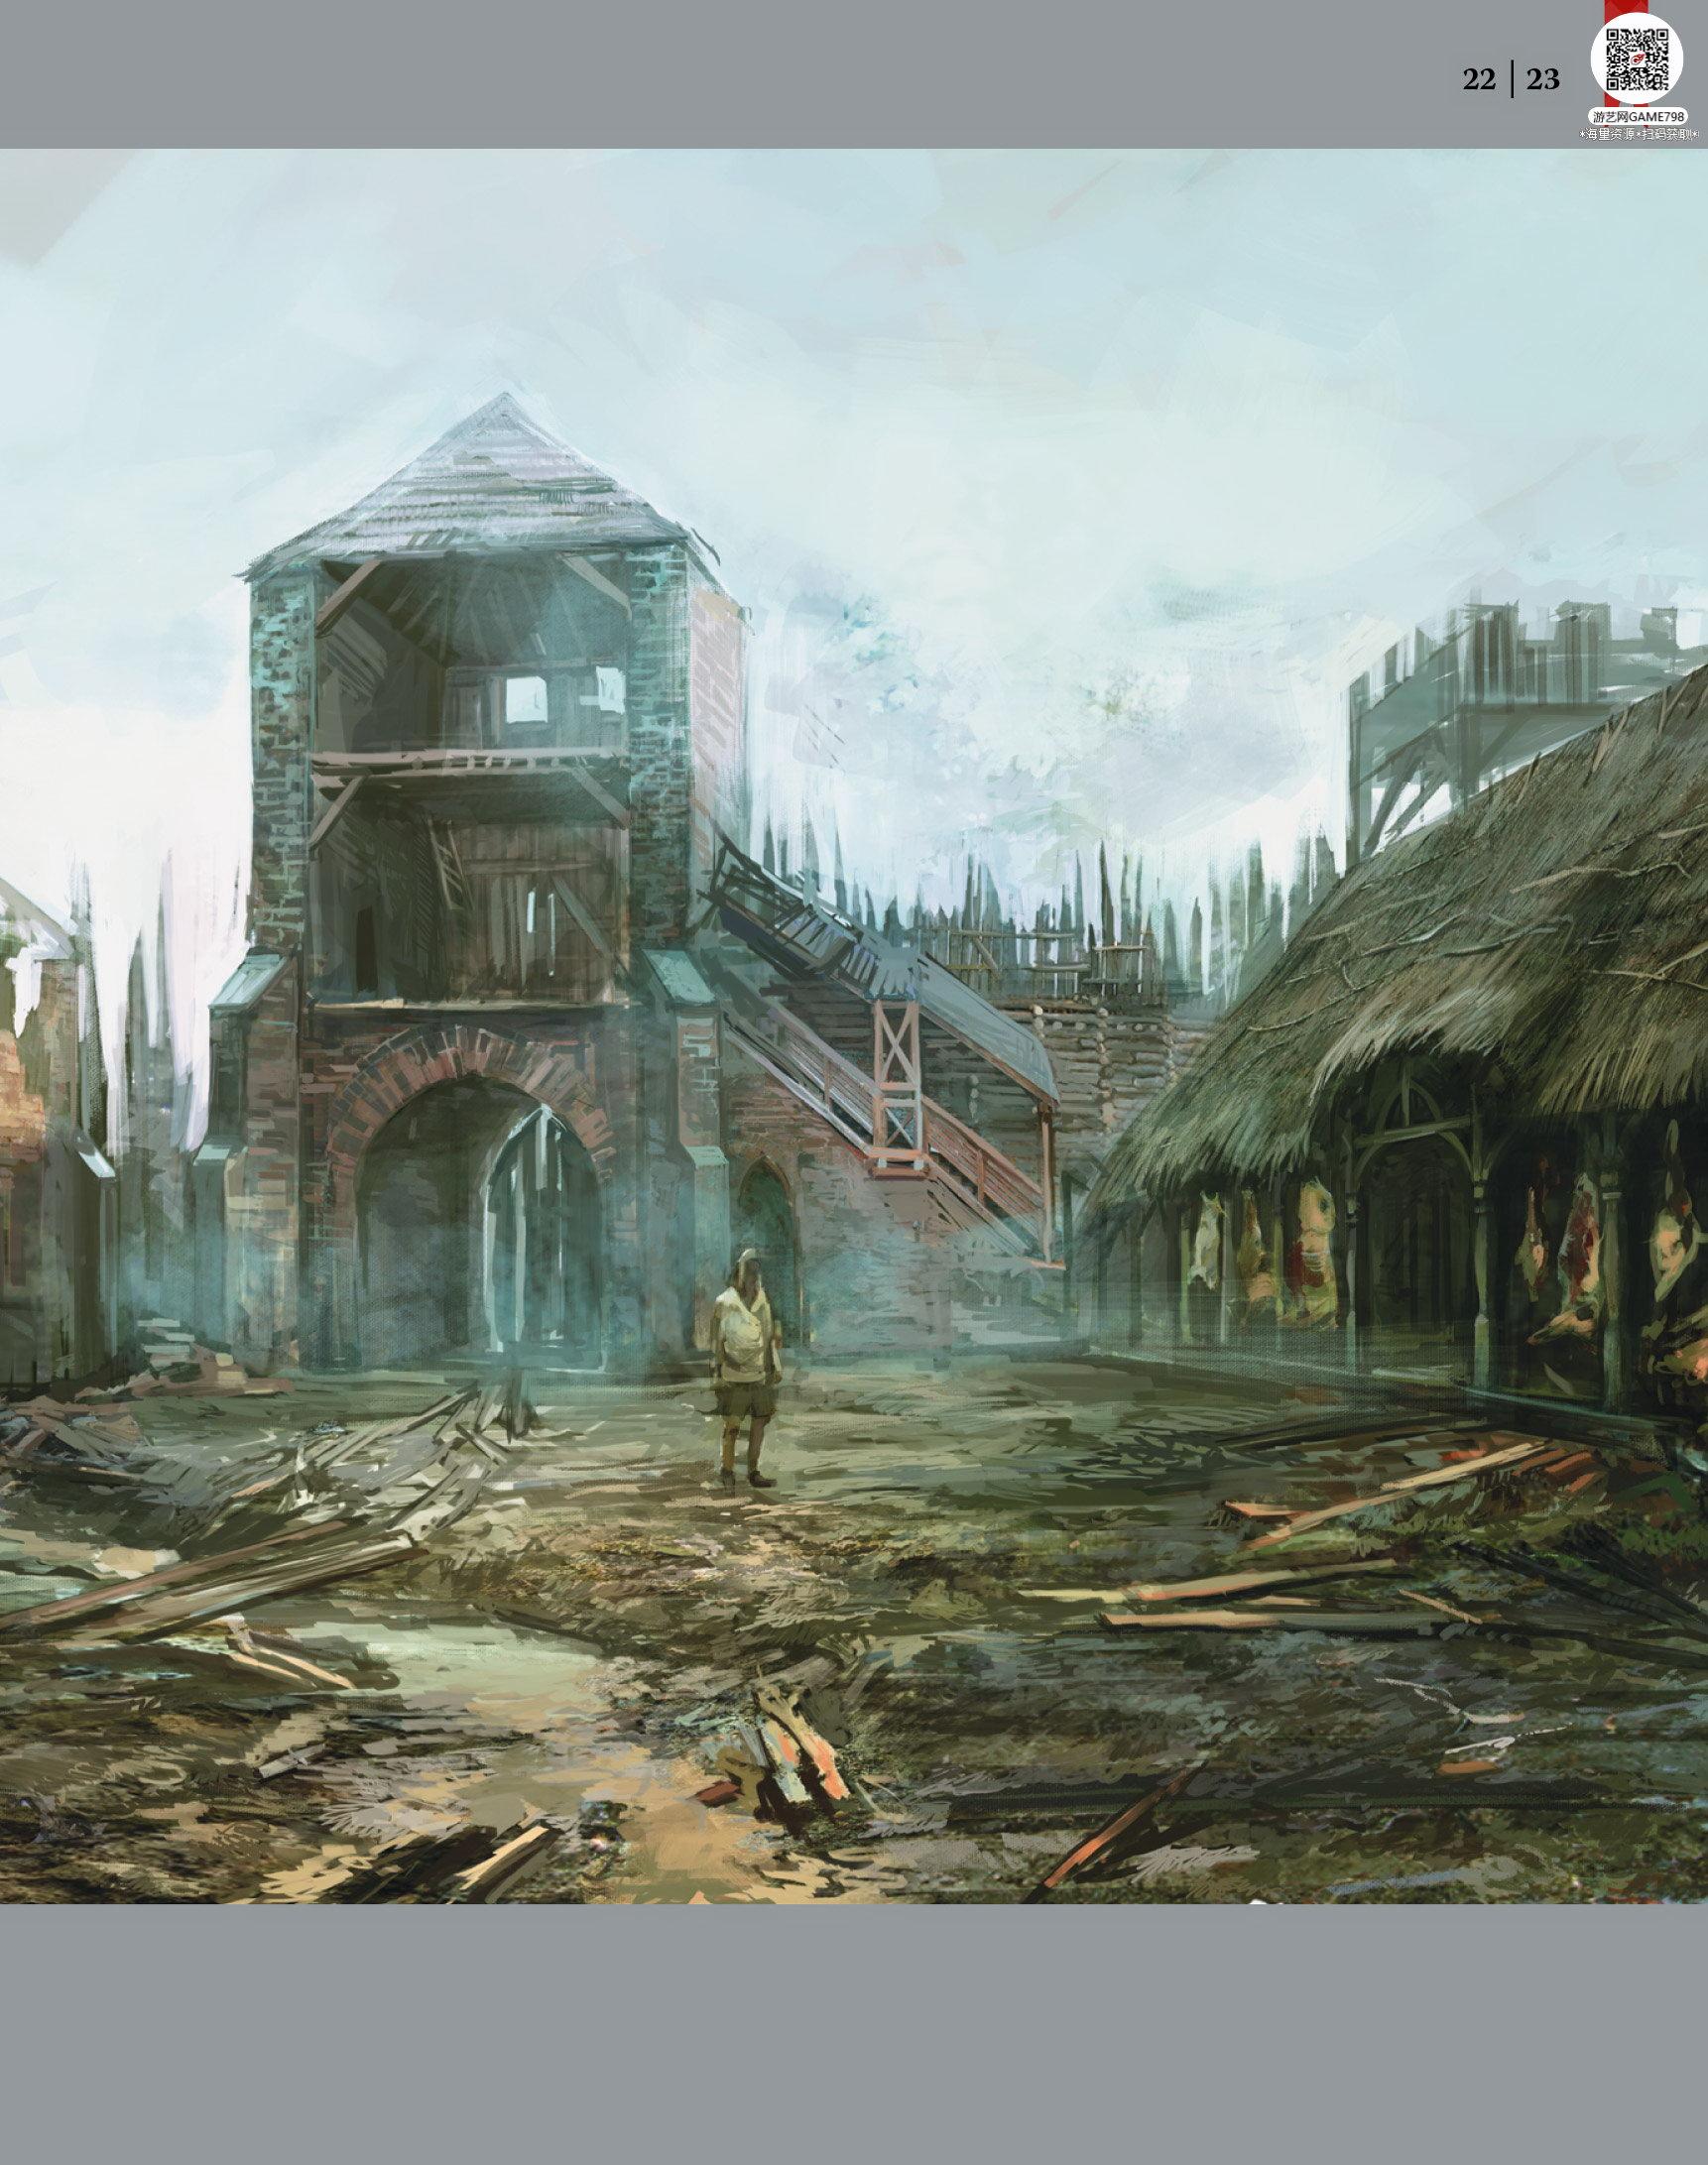 024_关注游艺网公众号获海量资源_次世代游戏巫师3(Witcher)官方原画概念设定.jpg